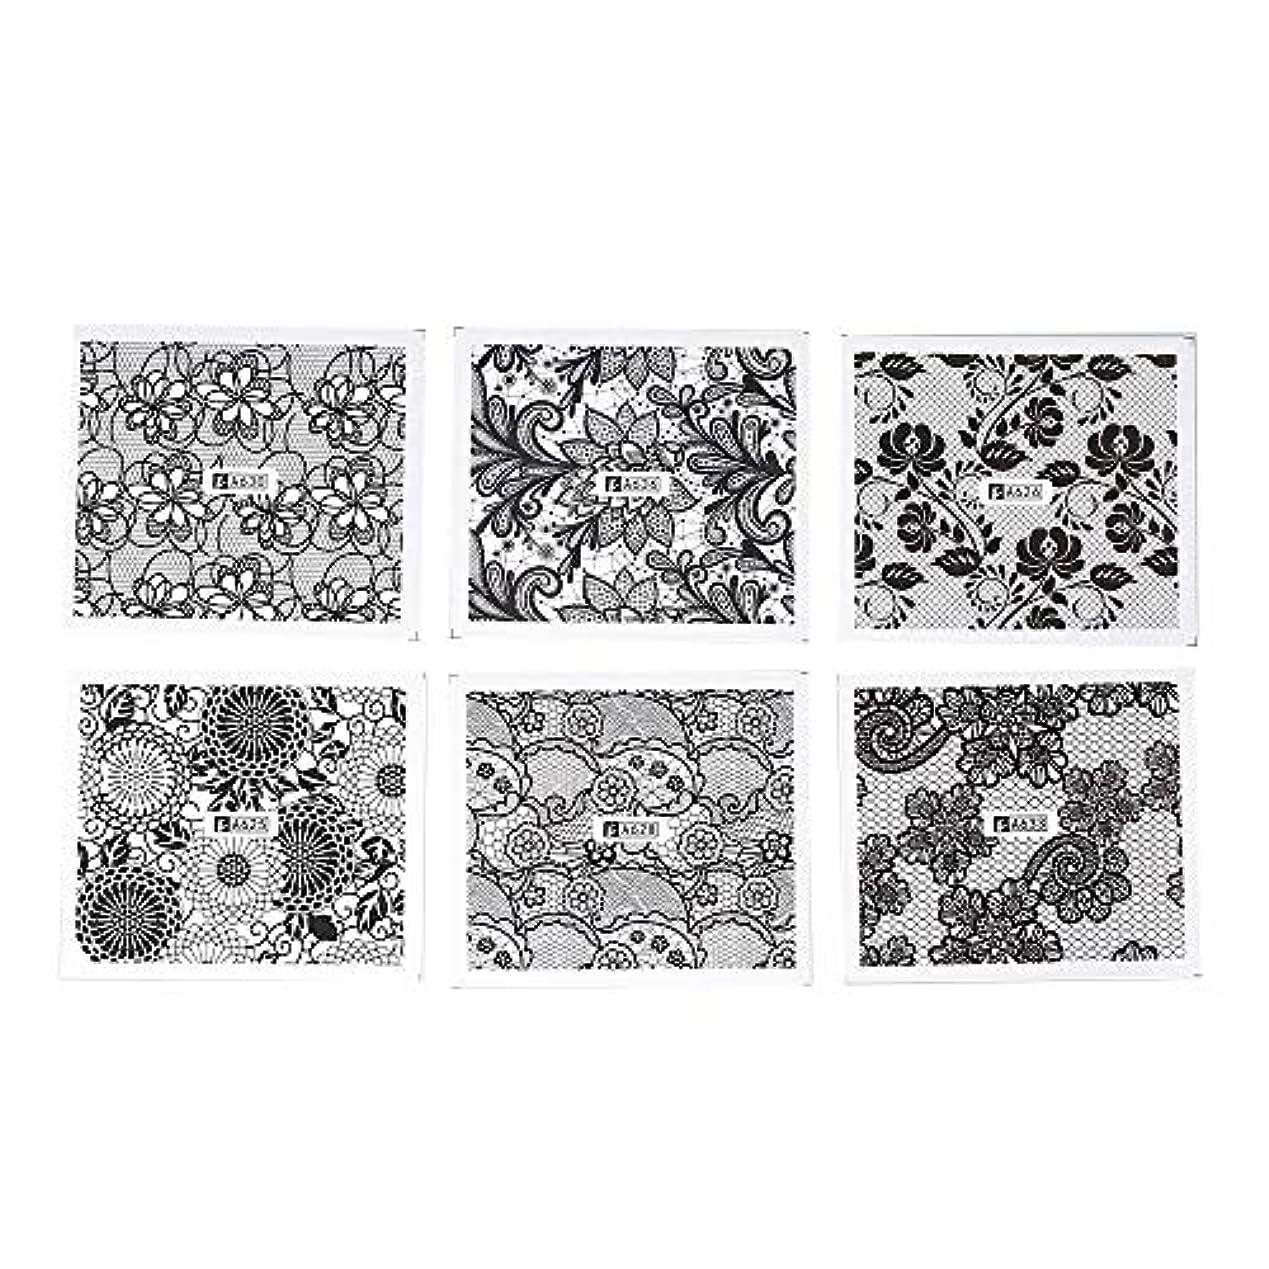 毒液残忍な掃くホワイト レース ブラック ネイルホイル ネイル転印シール 混合 花柄 ネイルシール ネイルステッカー ネイルデコ ネイルアート DIY 装飾ツール 24枚セット